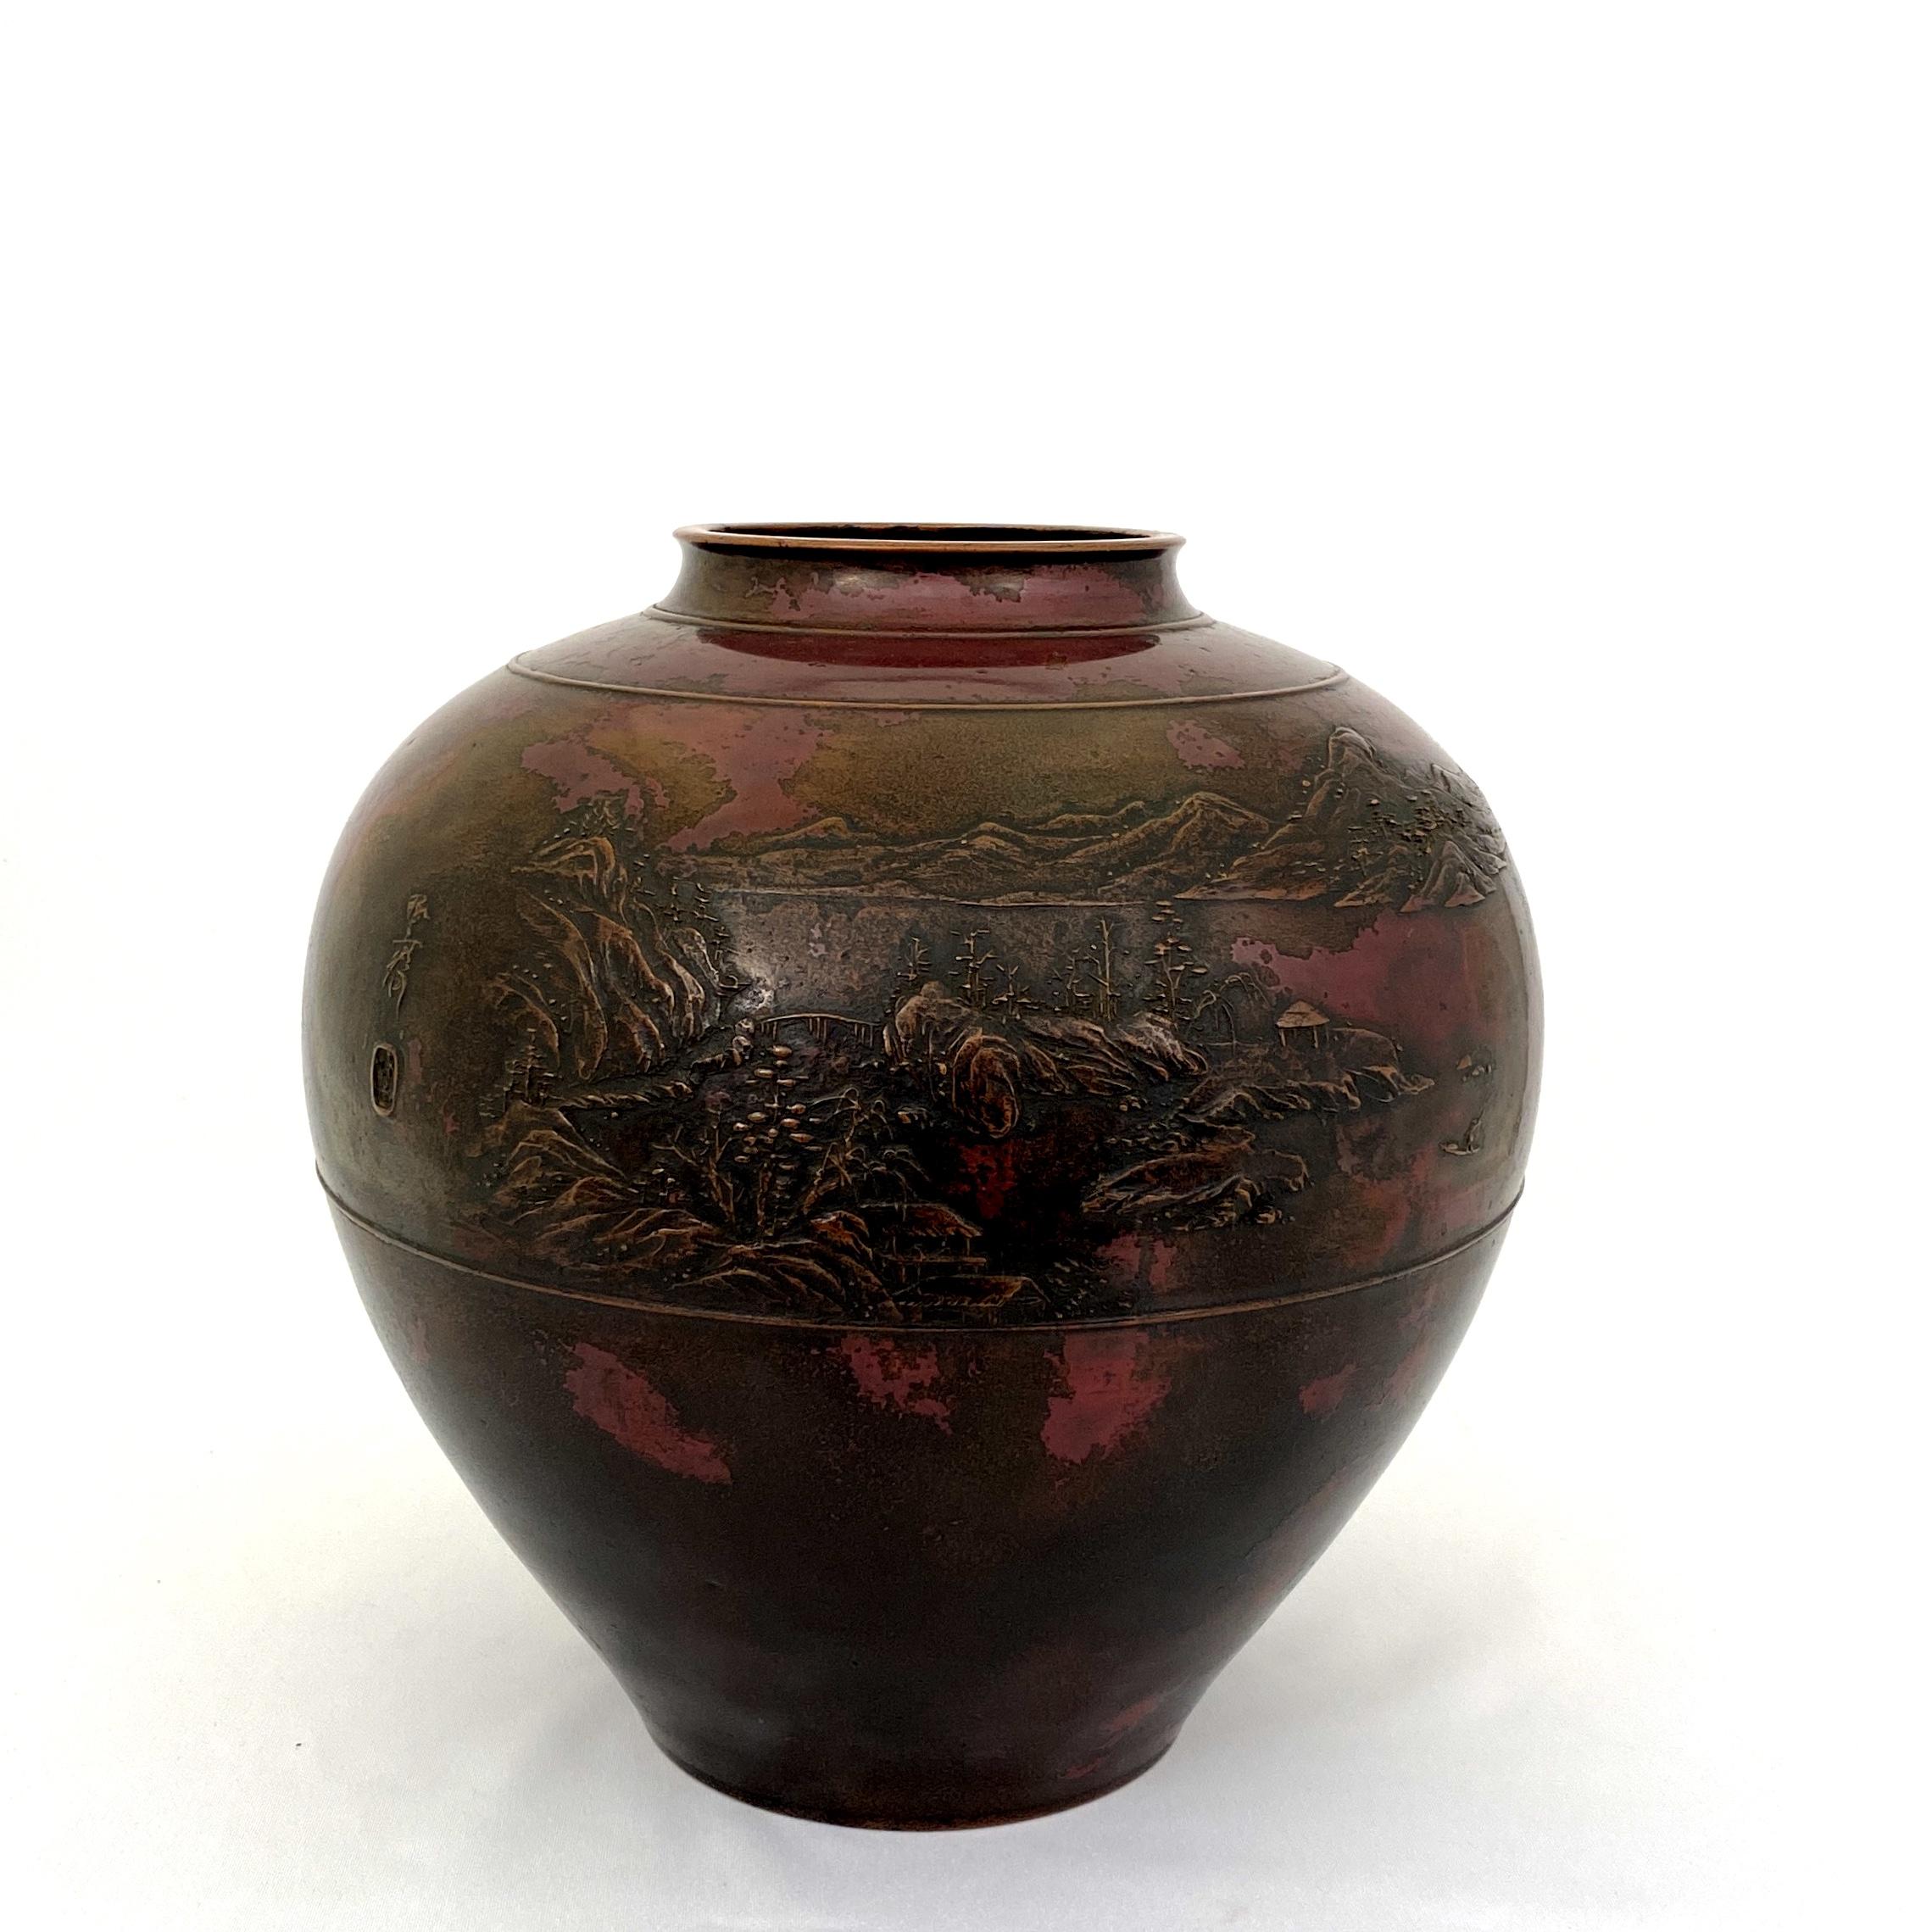 10047「三代琢斎」造 斑紫銅 山水紋 丸花瓶